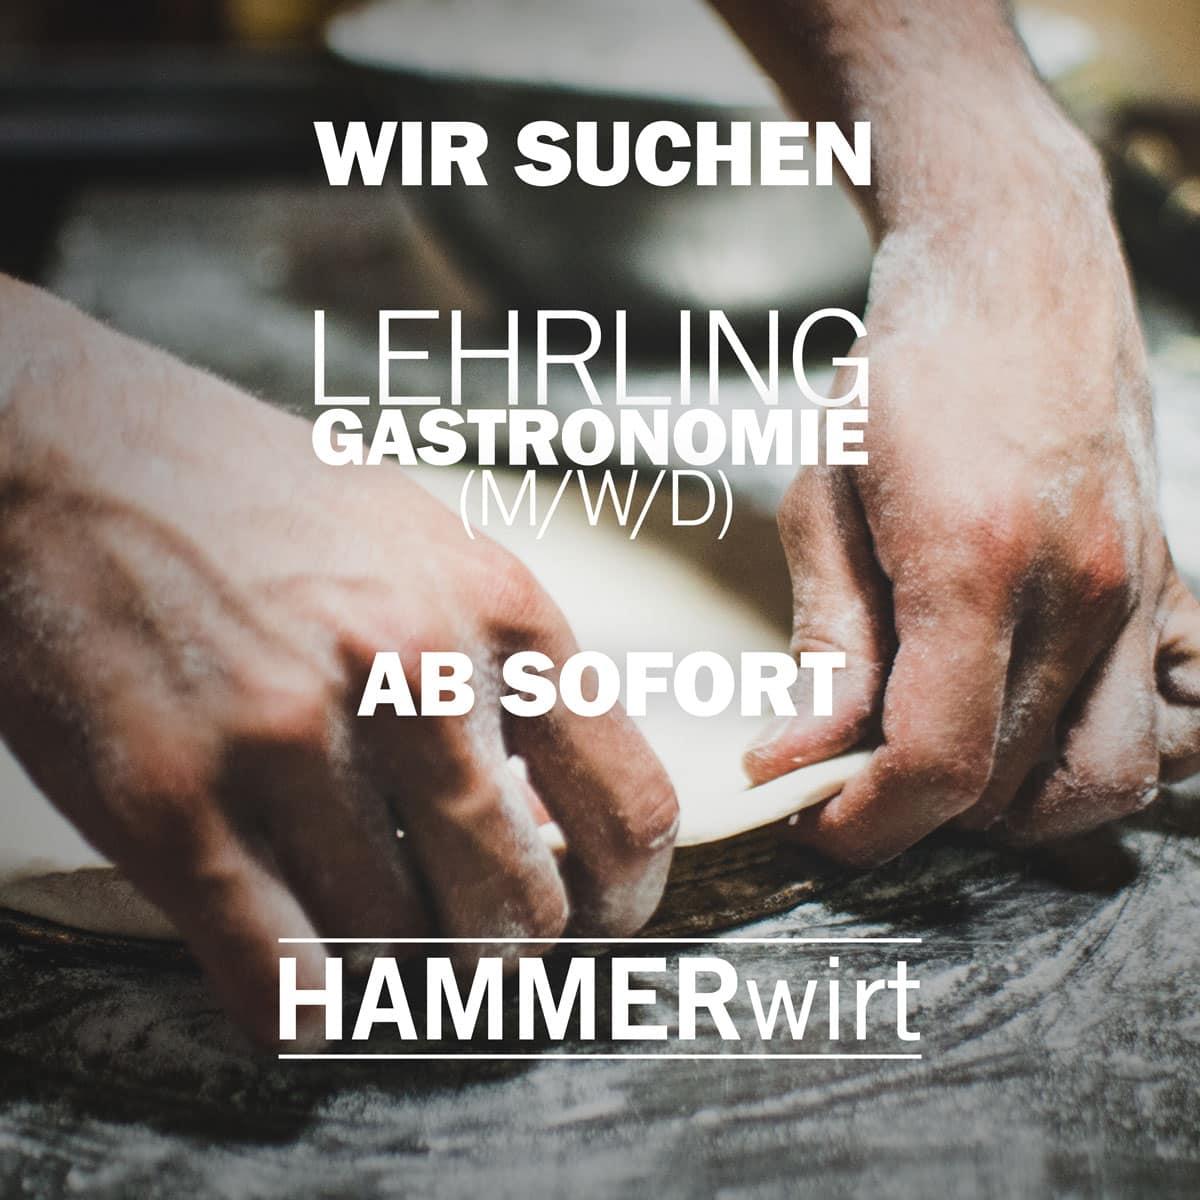 Hammerwirt Salzburg - Jobangebot - Lehrling / Azubi Gastronomie (m/w/d) - Ab sofort